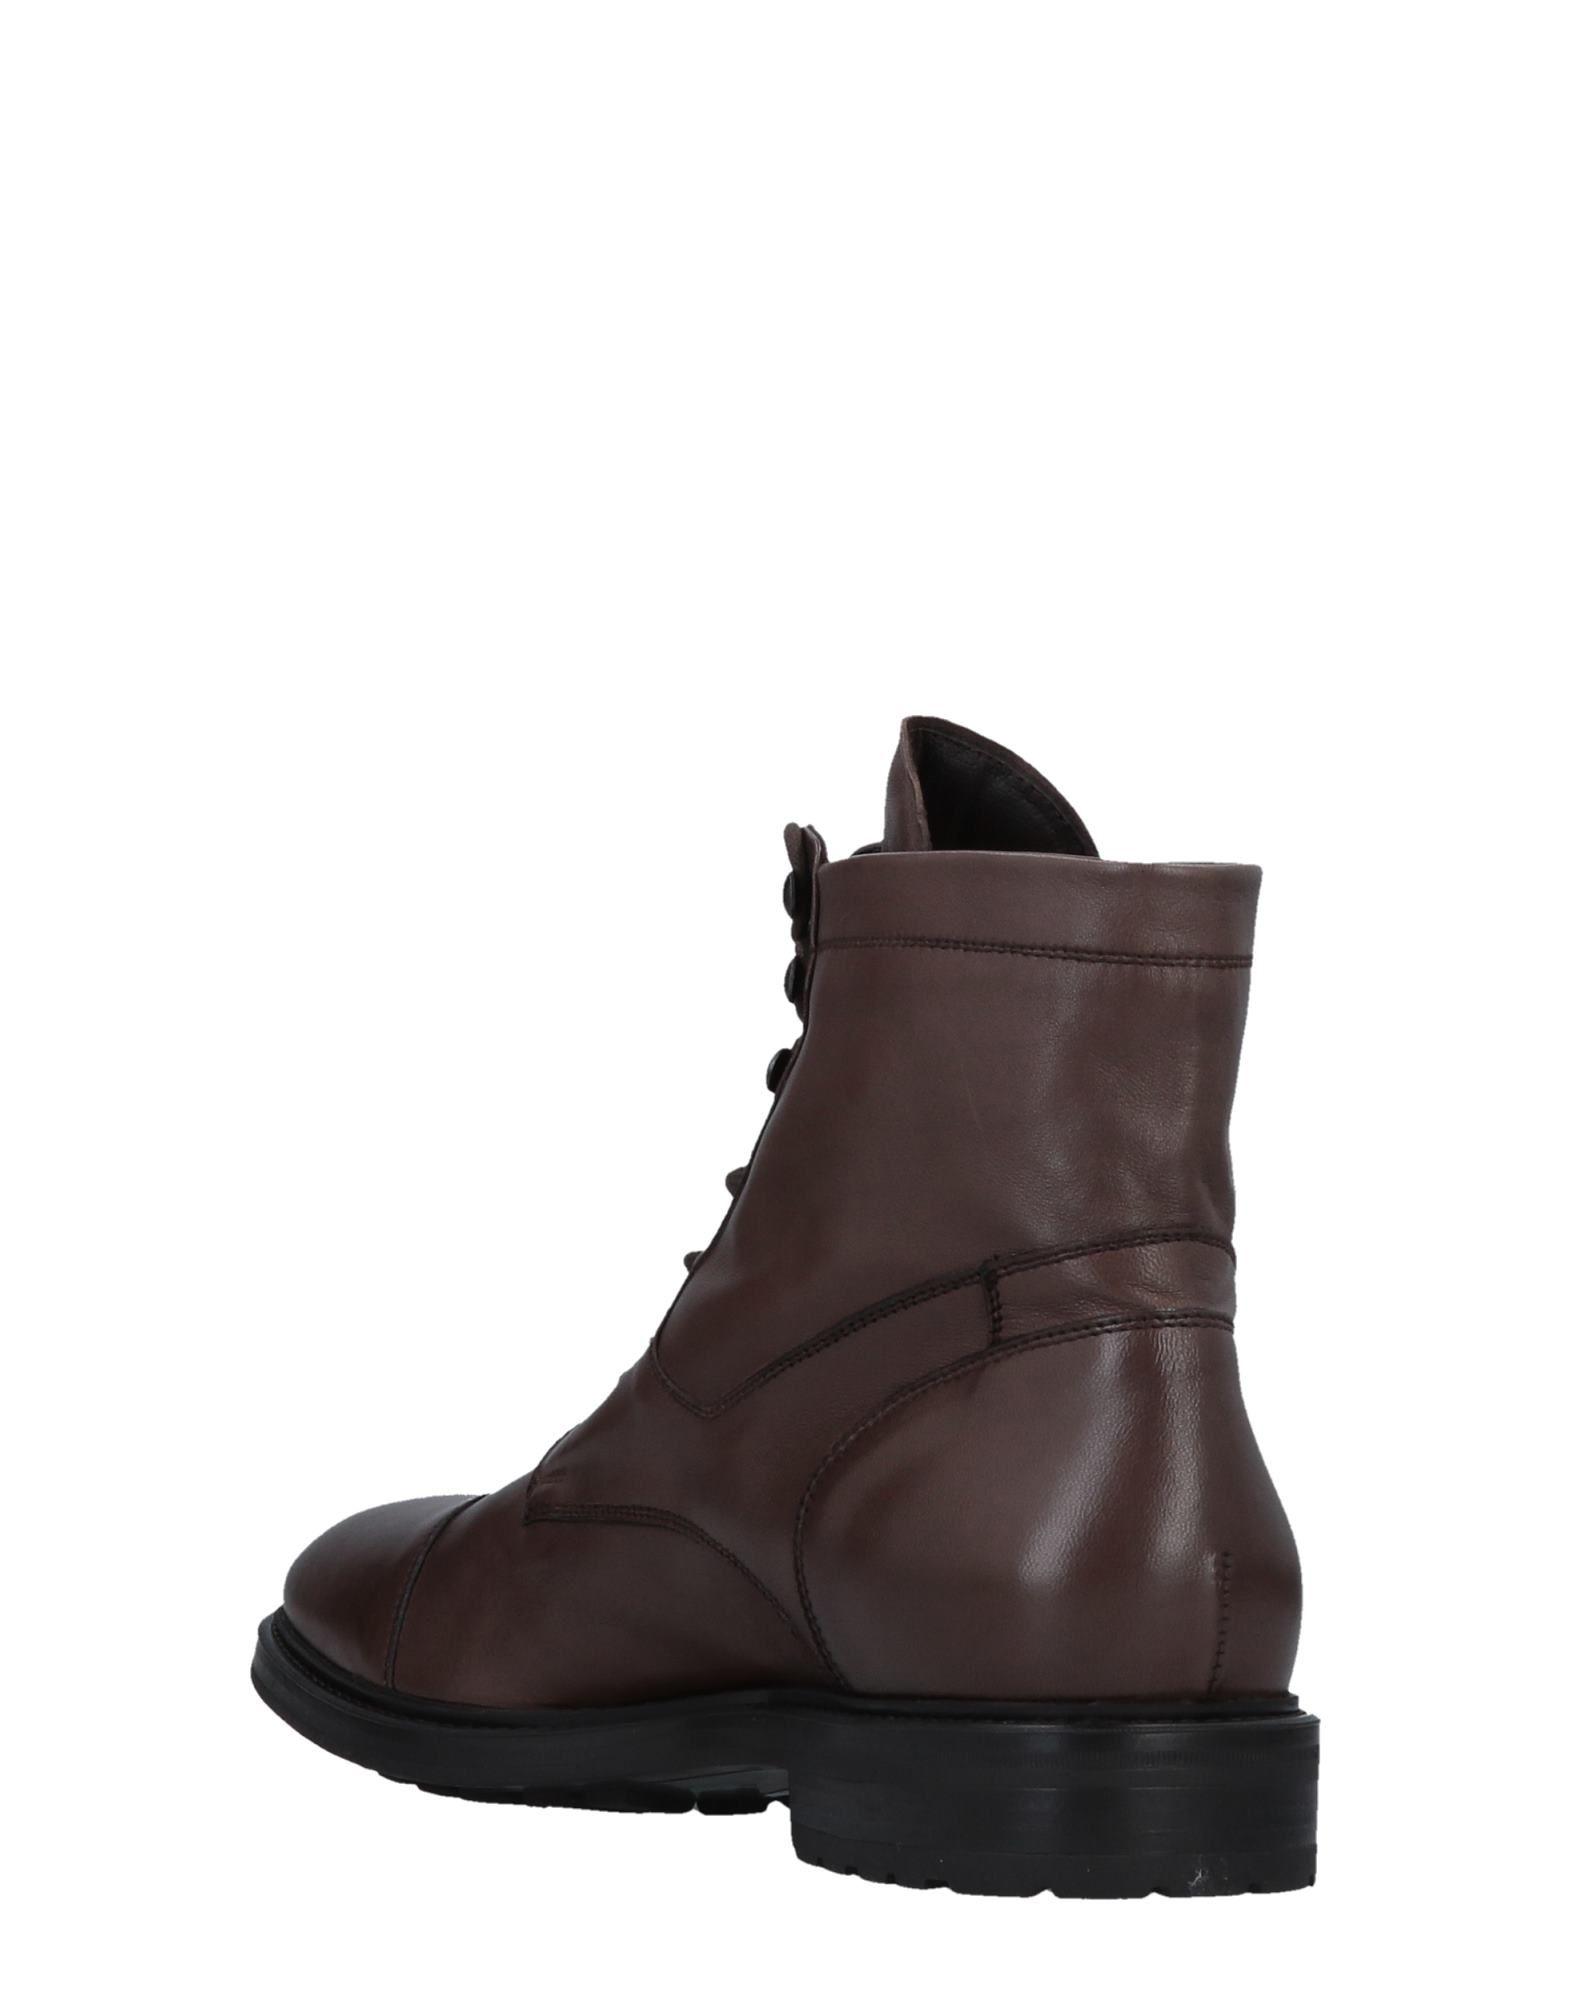 Doucal's Stiefelette Herren  Schuhe 11512068XP Gute Qualität beliebte Schuhe  c92b59